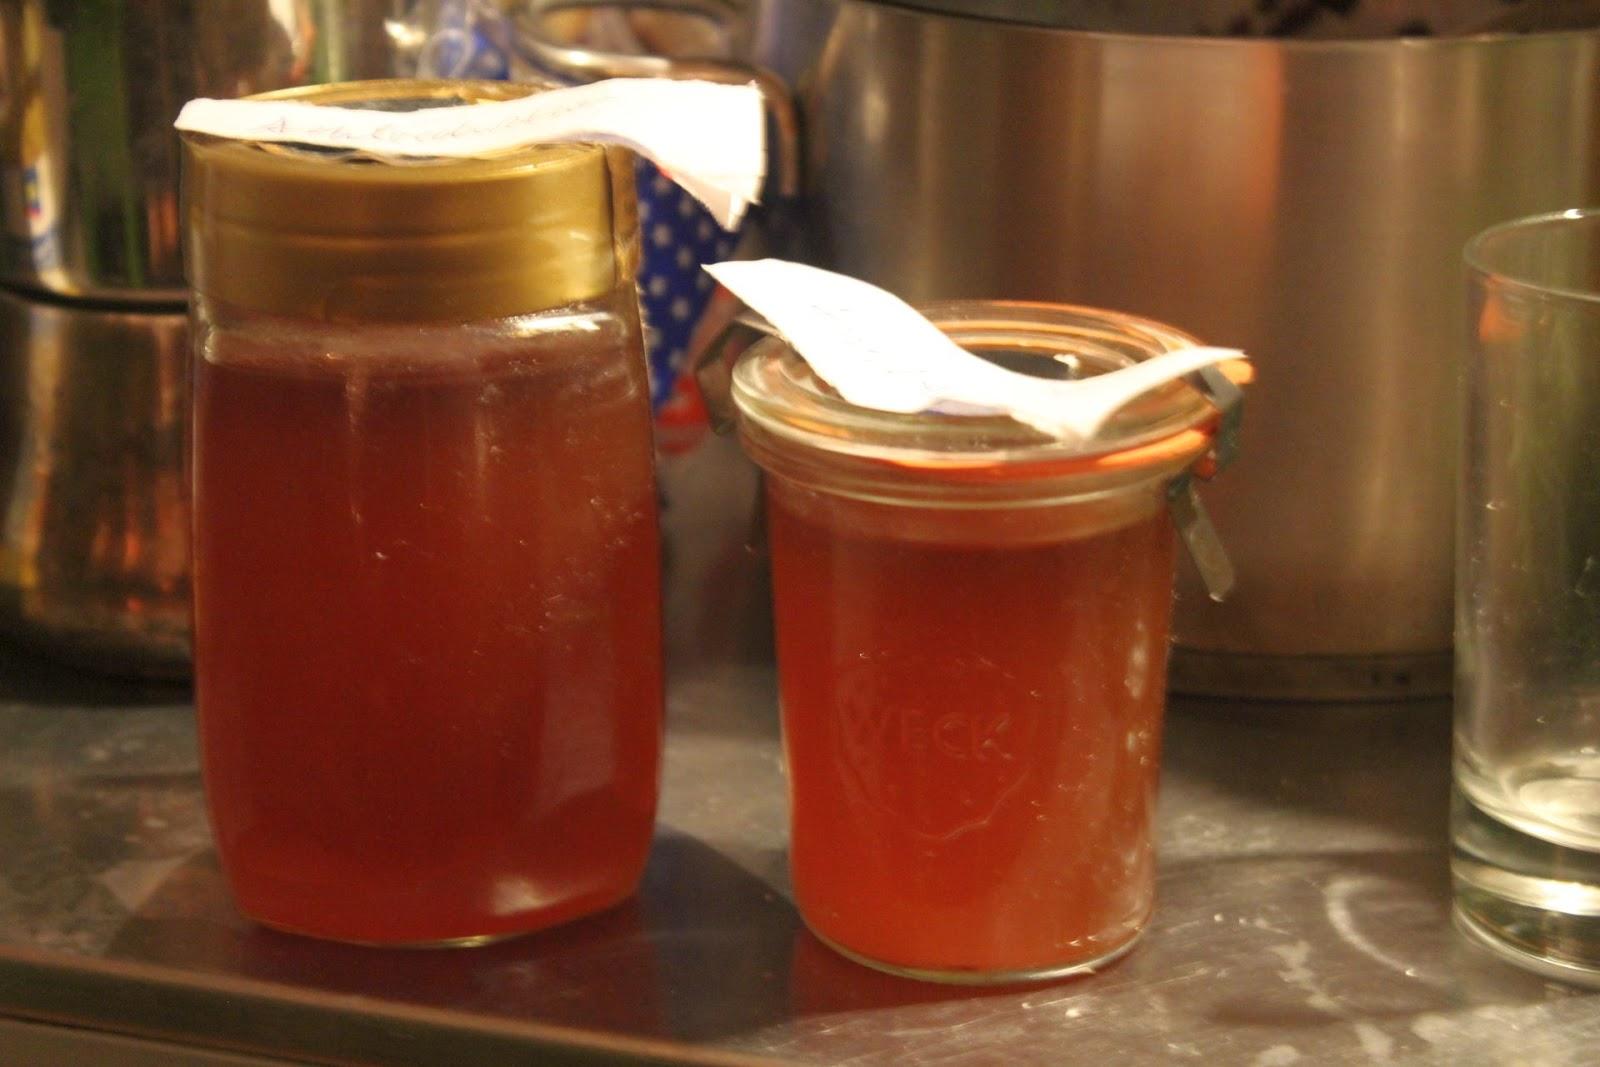 Prächtig Apfelreduktion aus Apfelsaft und Apfelessig – glatzkoch.de &KO_59